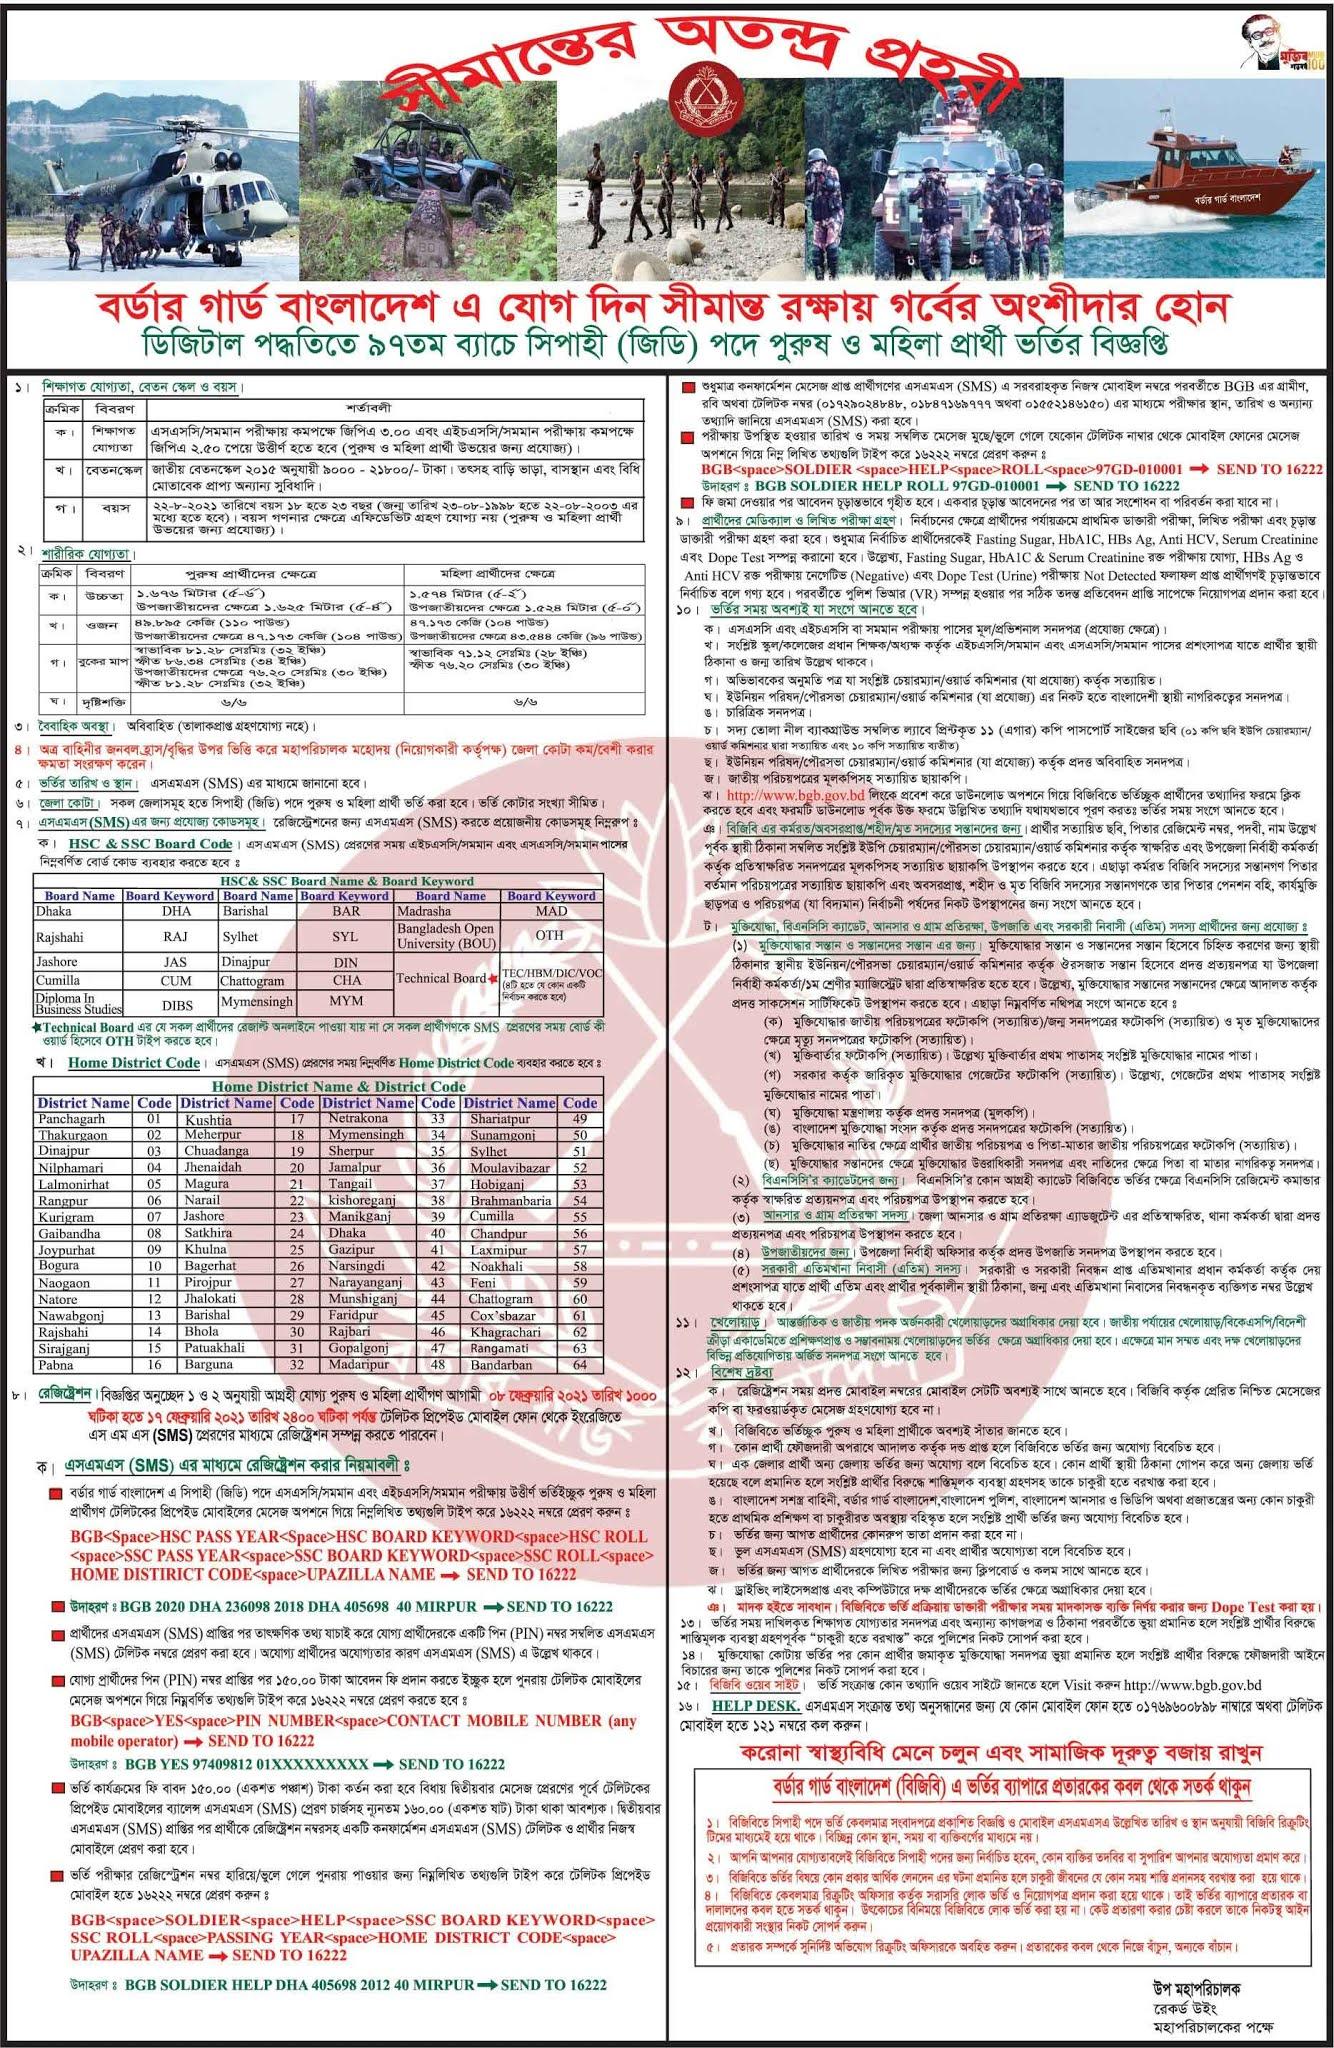 সিপাহী পদে বর্ডার গার্ড বাংলাদেশ (বিজিবি) নিয়োগ বিজ্ঞপ্তি ২০২১ -  Border Guard Bangladesh (BGB) Job Circular 2021